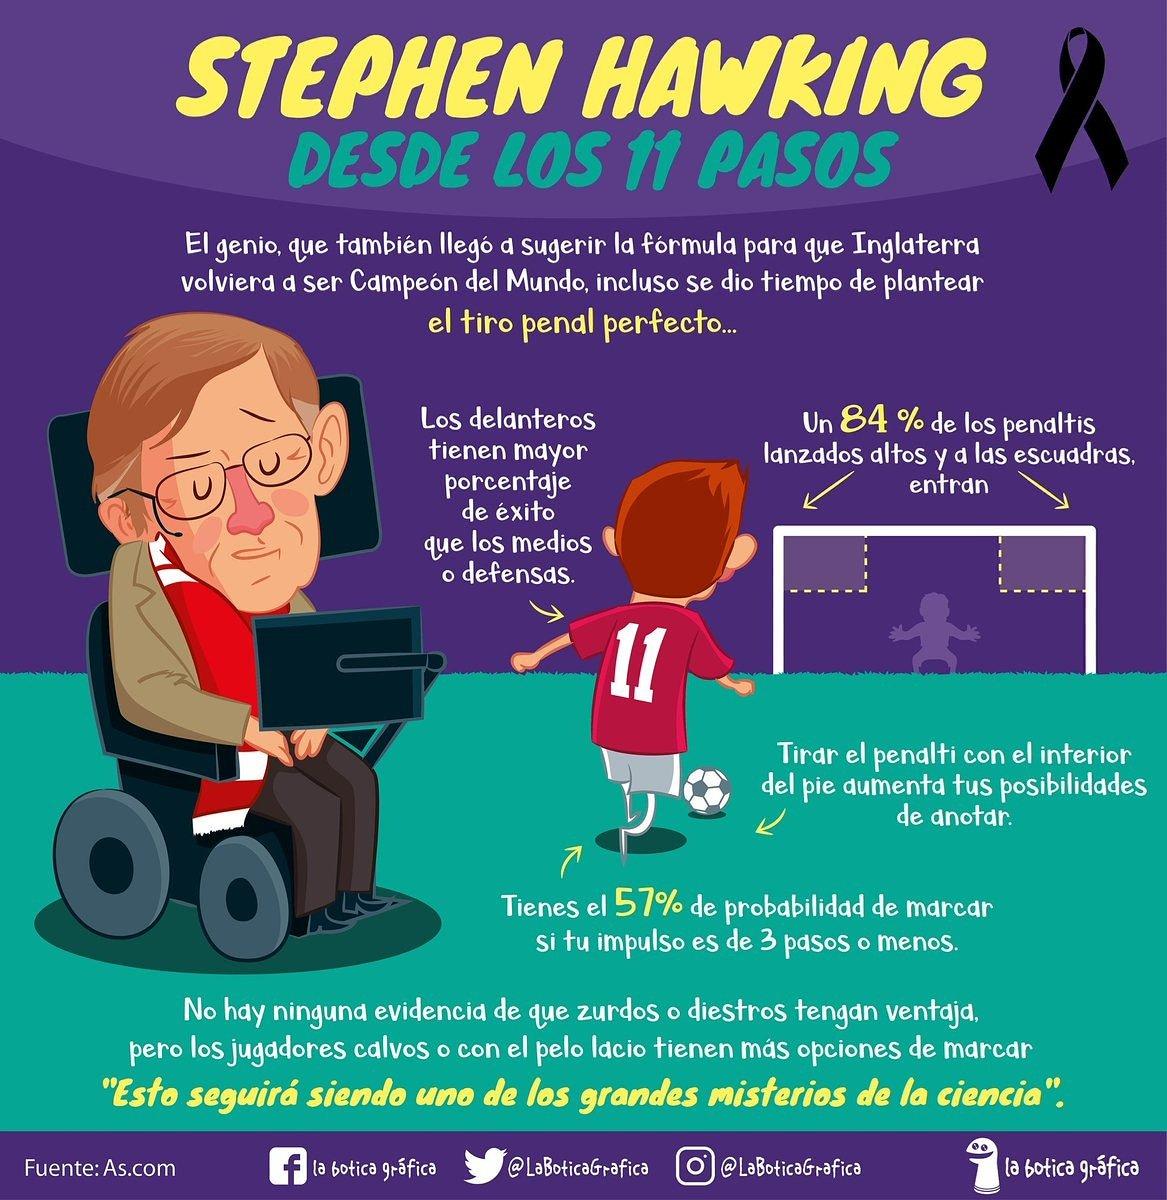 Stephen Hawking desde los 11 pasos